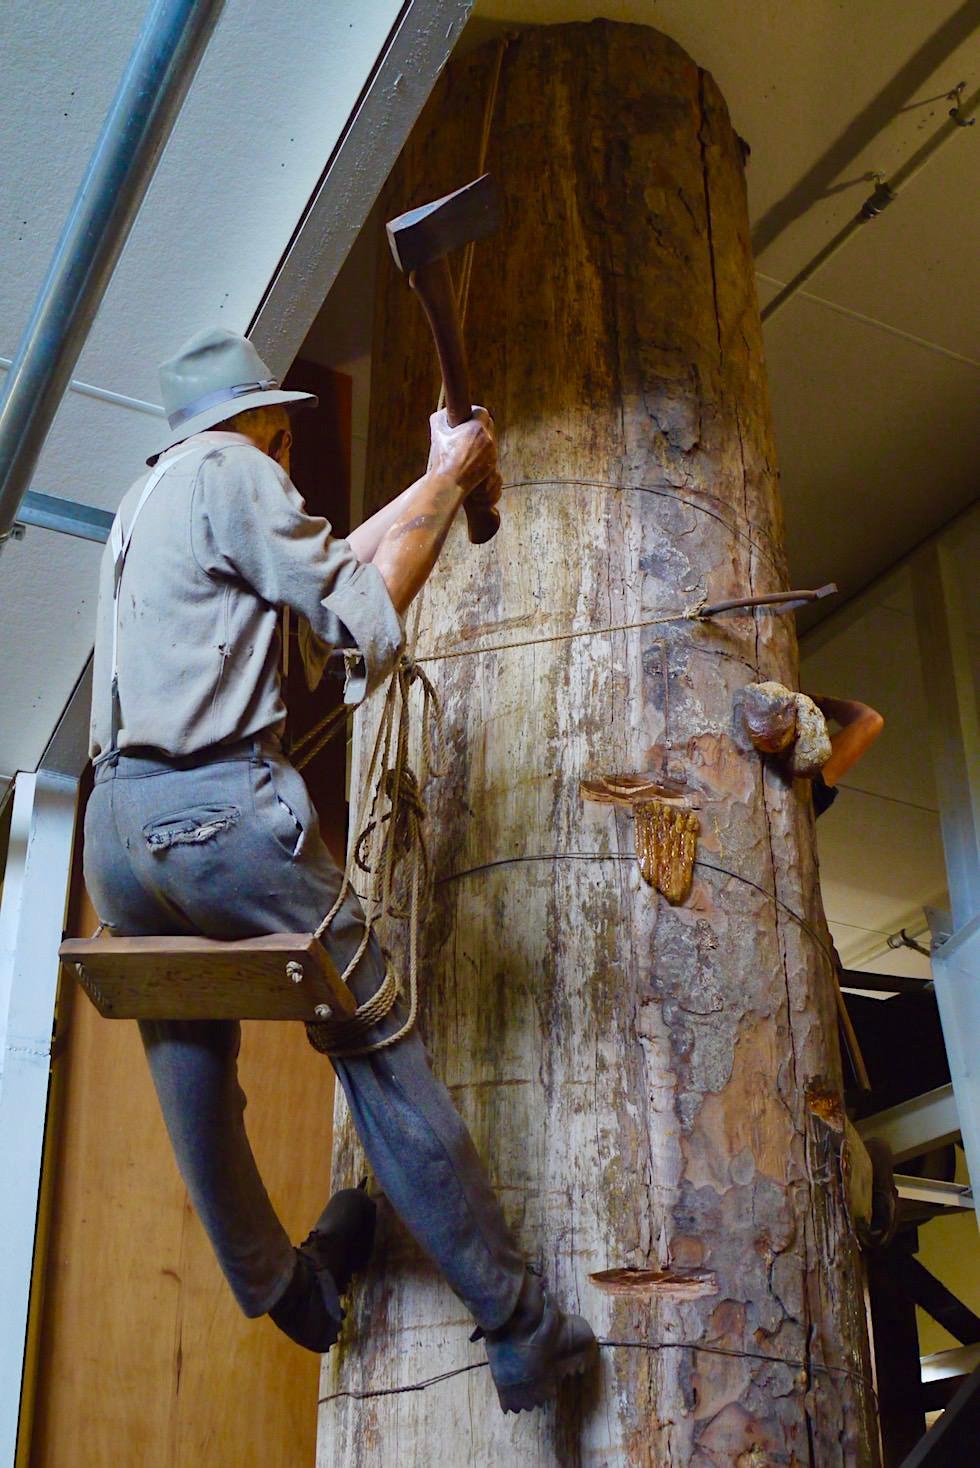 Kauri Museum - Holzverarbeitung zur Pionierzeit - Nordinsel Neuseeland